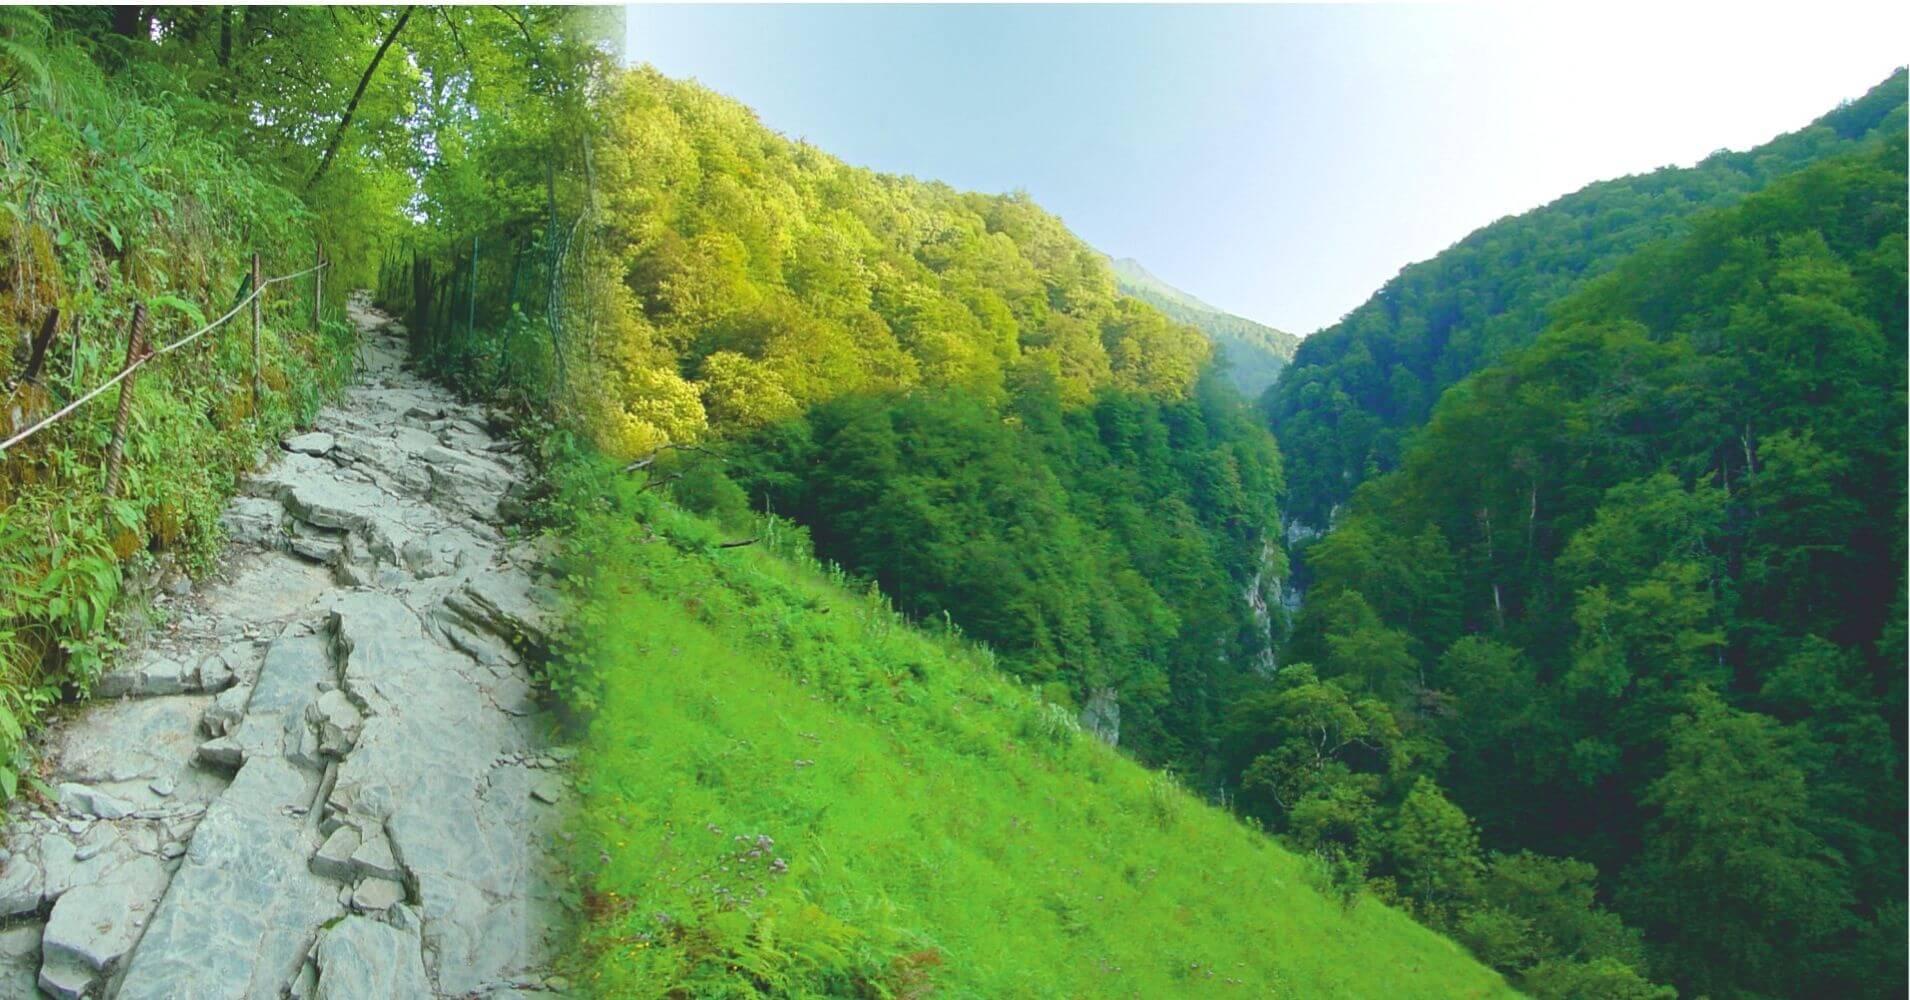 Camino a las Gorges de Holtzarte. Larrau, Pirineos Atlánticos. Nueva Aquitania. Francia.